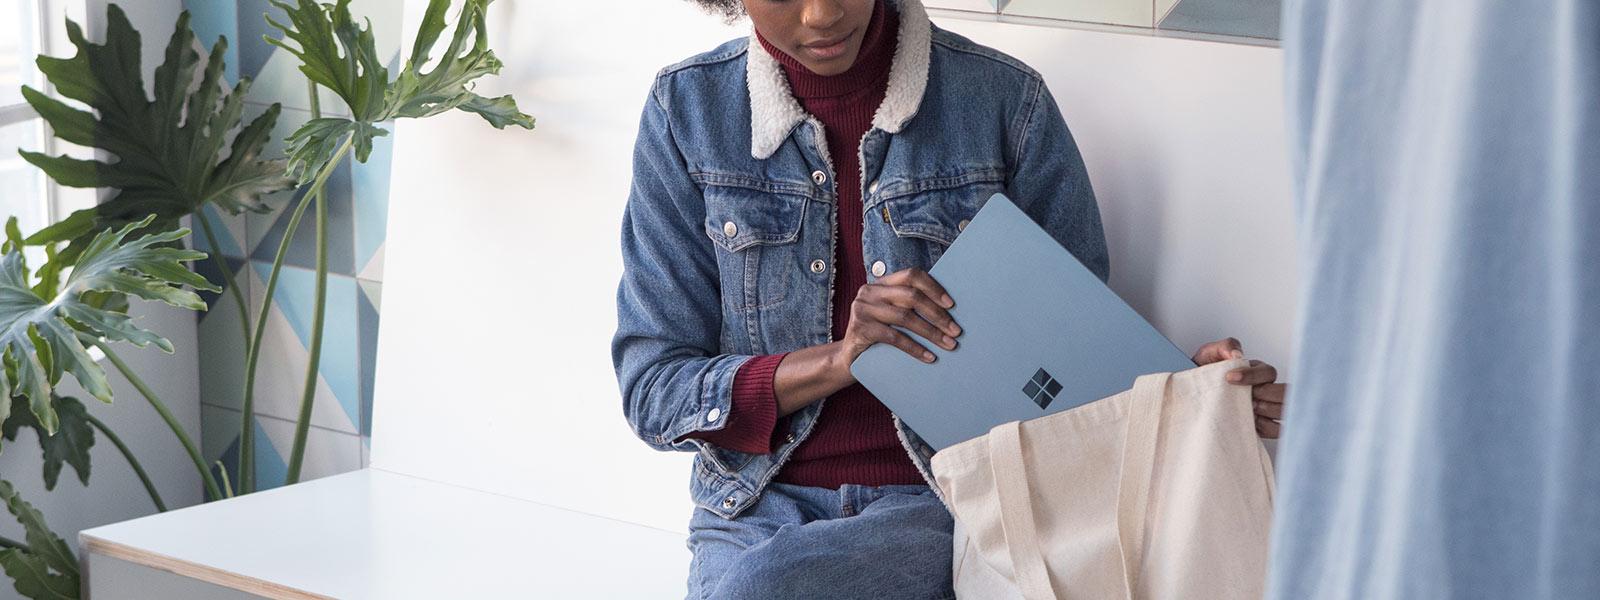 Kobieta wkładająca laptopa Surface do torby.